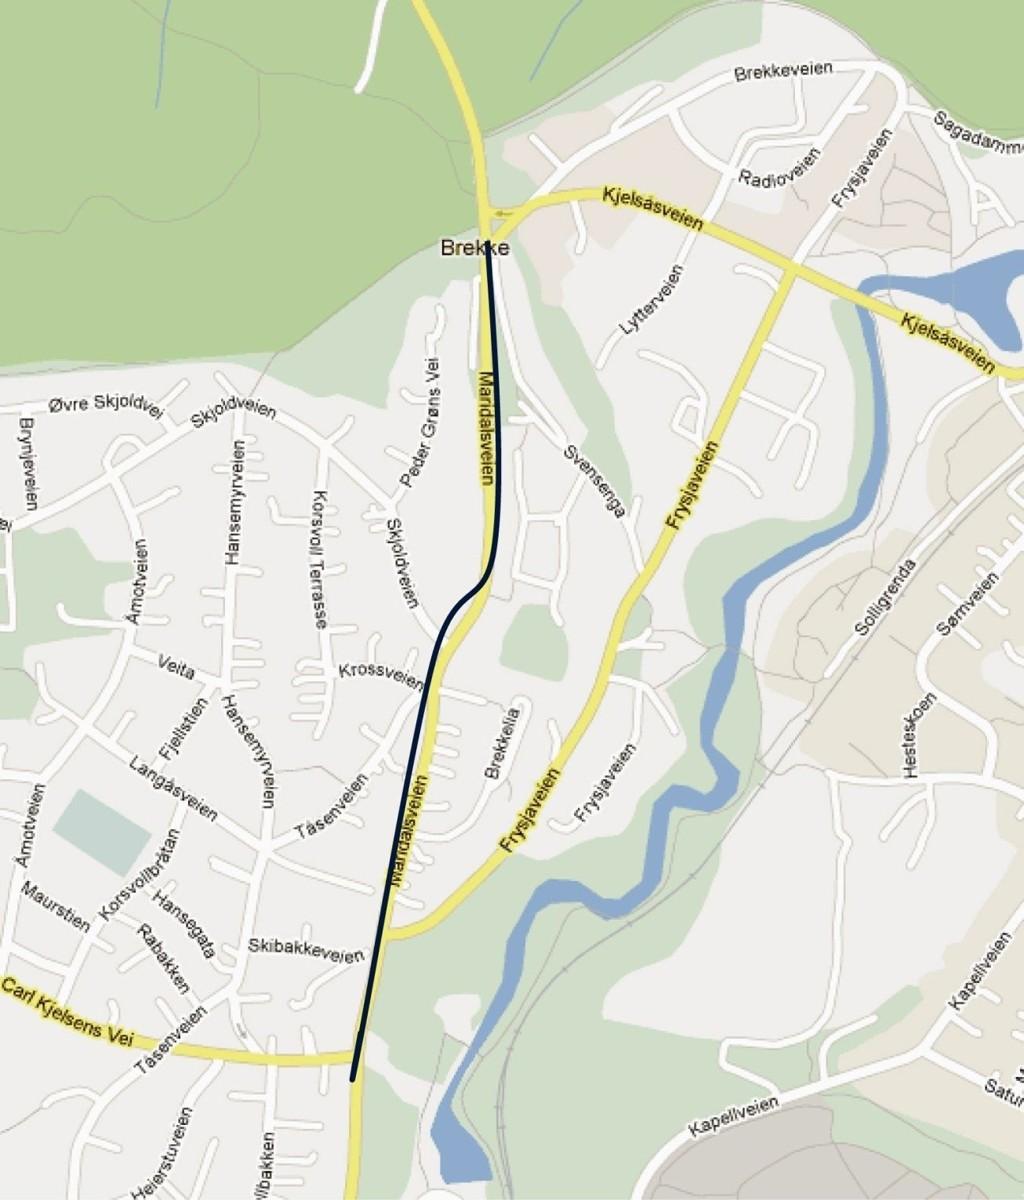 PLANEN: Kommunens plan er sykkelfelt og fortau, på begge sider av Maridalsveien, og i forlengelsen av det som er opp til Carl Kjelsensvei (noe fortau er allerede på nevnte strekning). Den sorte streken viser strekningen.